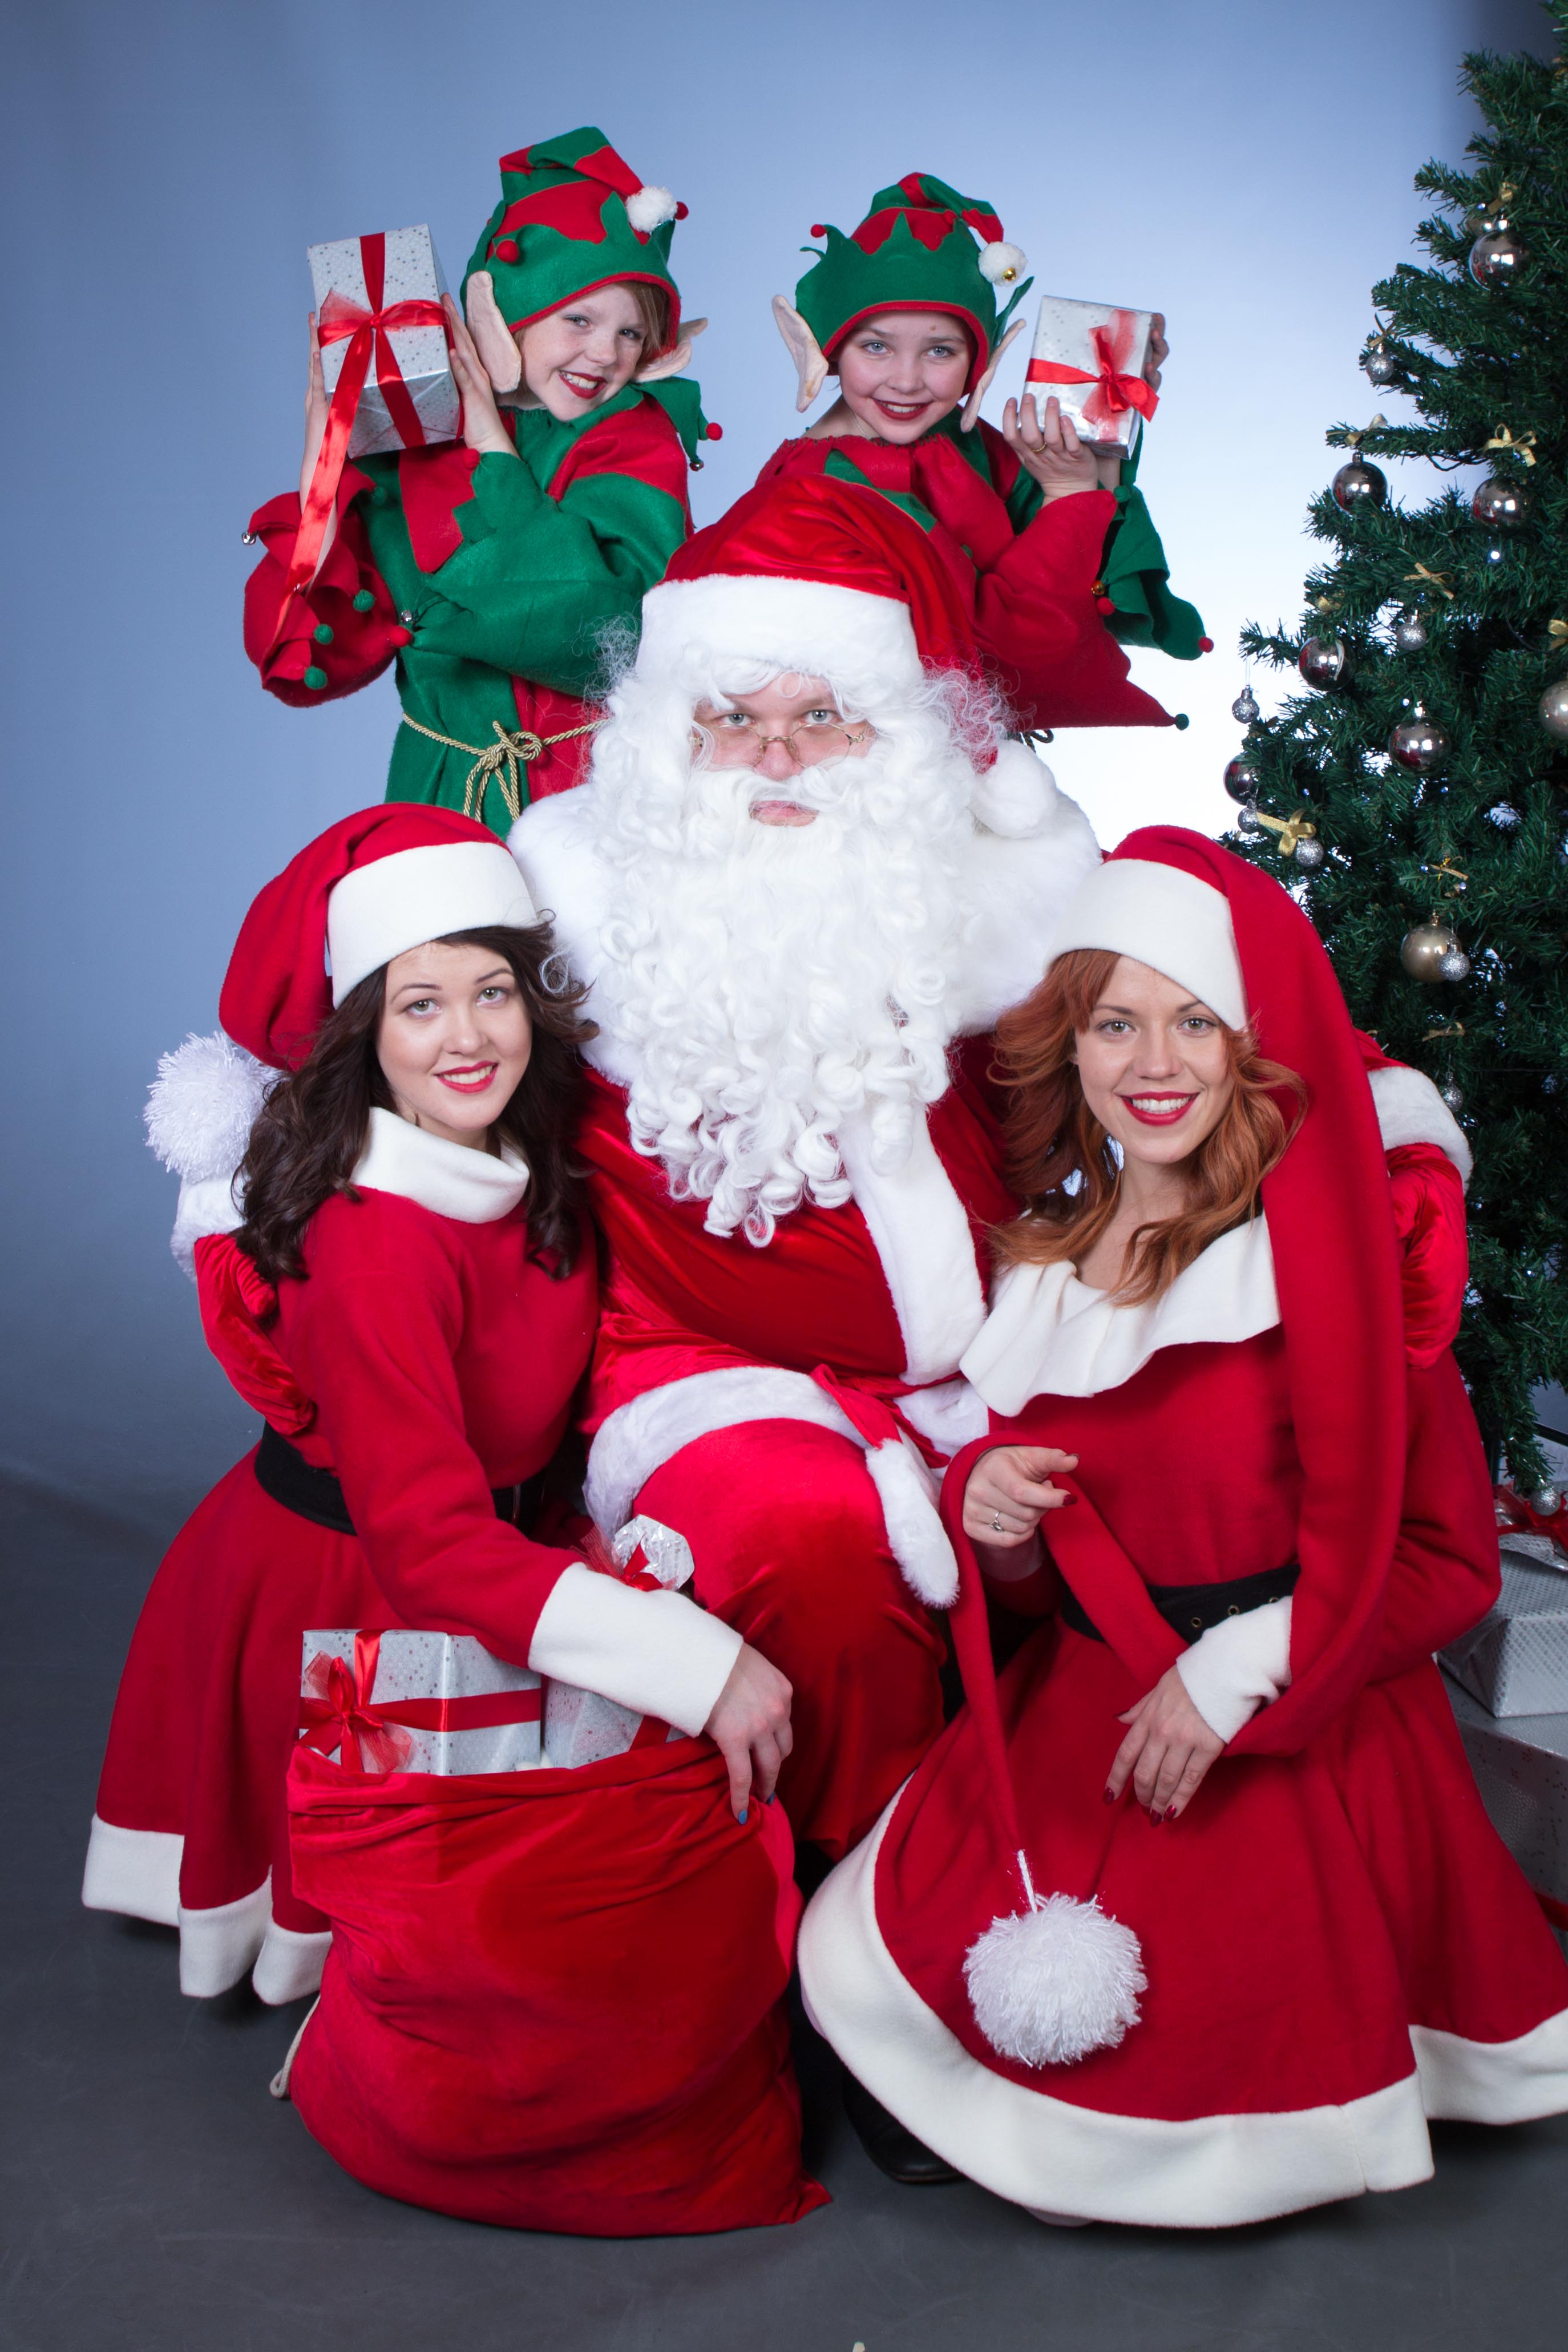 Ziemassvetu_vecitis_un_draugi